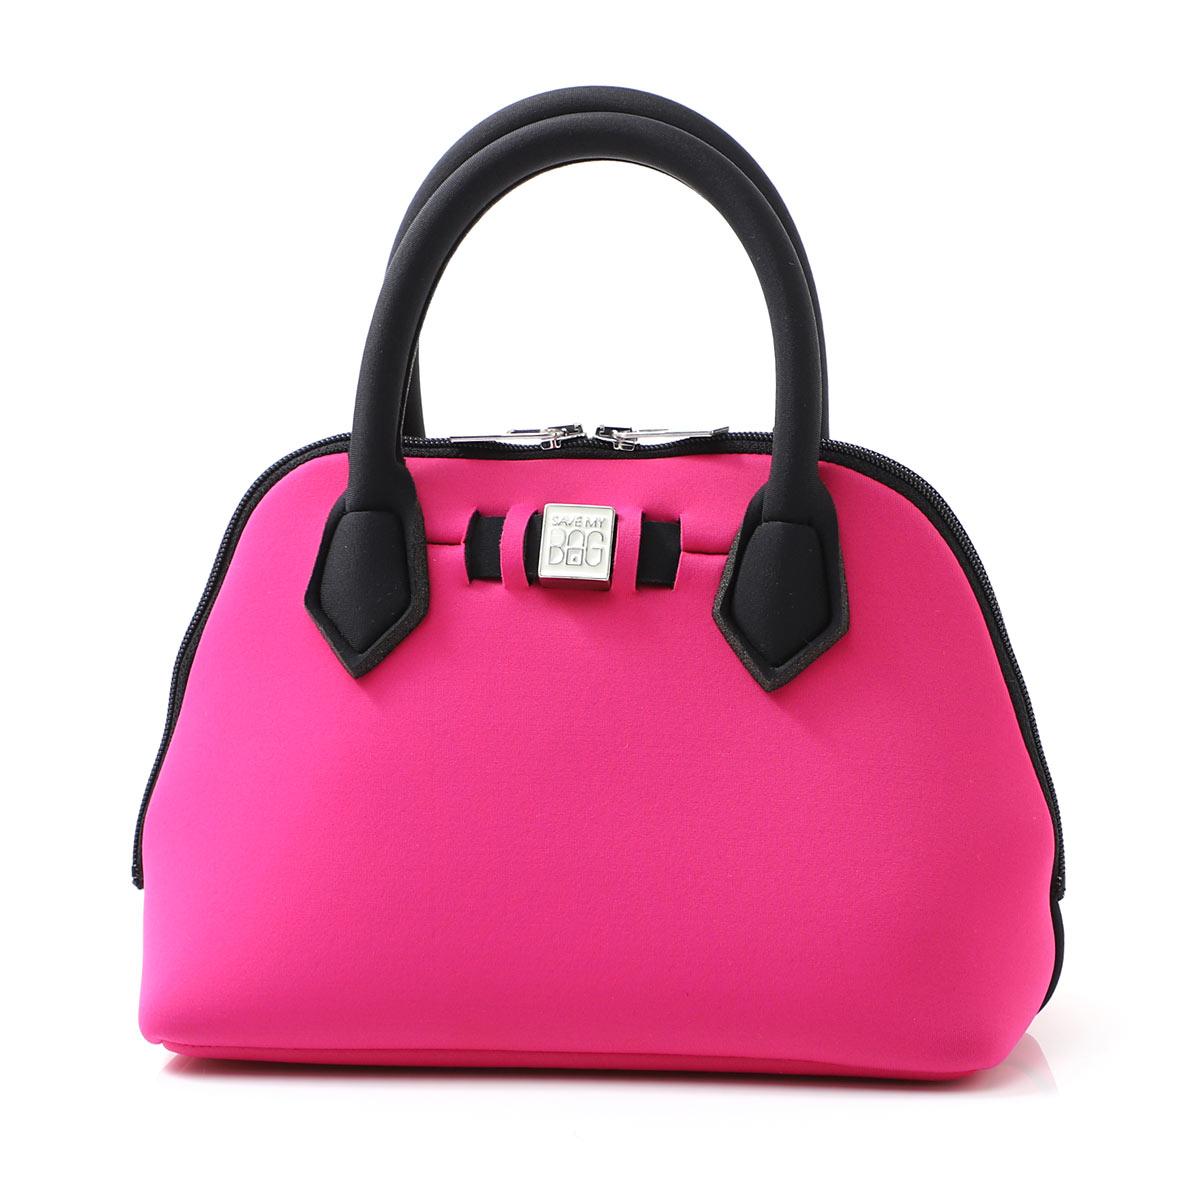 【タイムセール】SAVE MY BAG セーブ マイ バッグ ハンドバッグ/PRINCESS MINI LYCRA プリンセス ミニ レディース